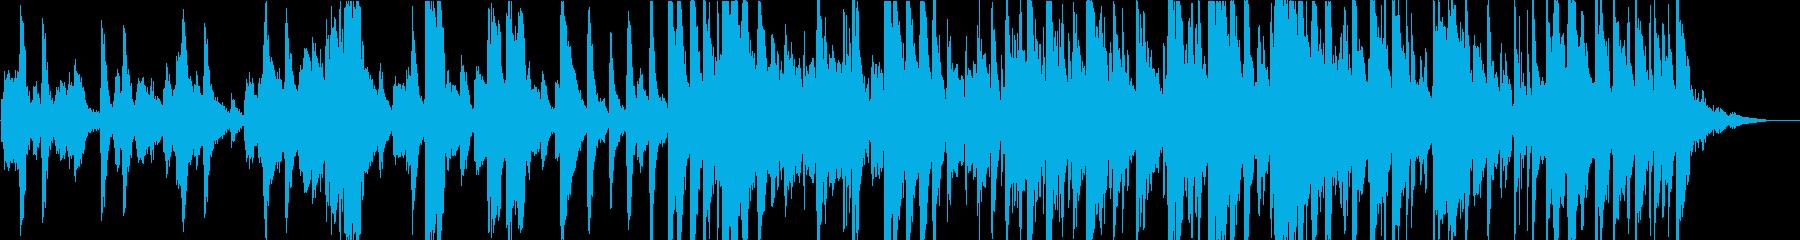 洒落たJazzyなサウンドの再生済みの波形